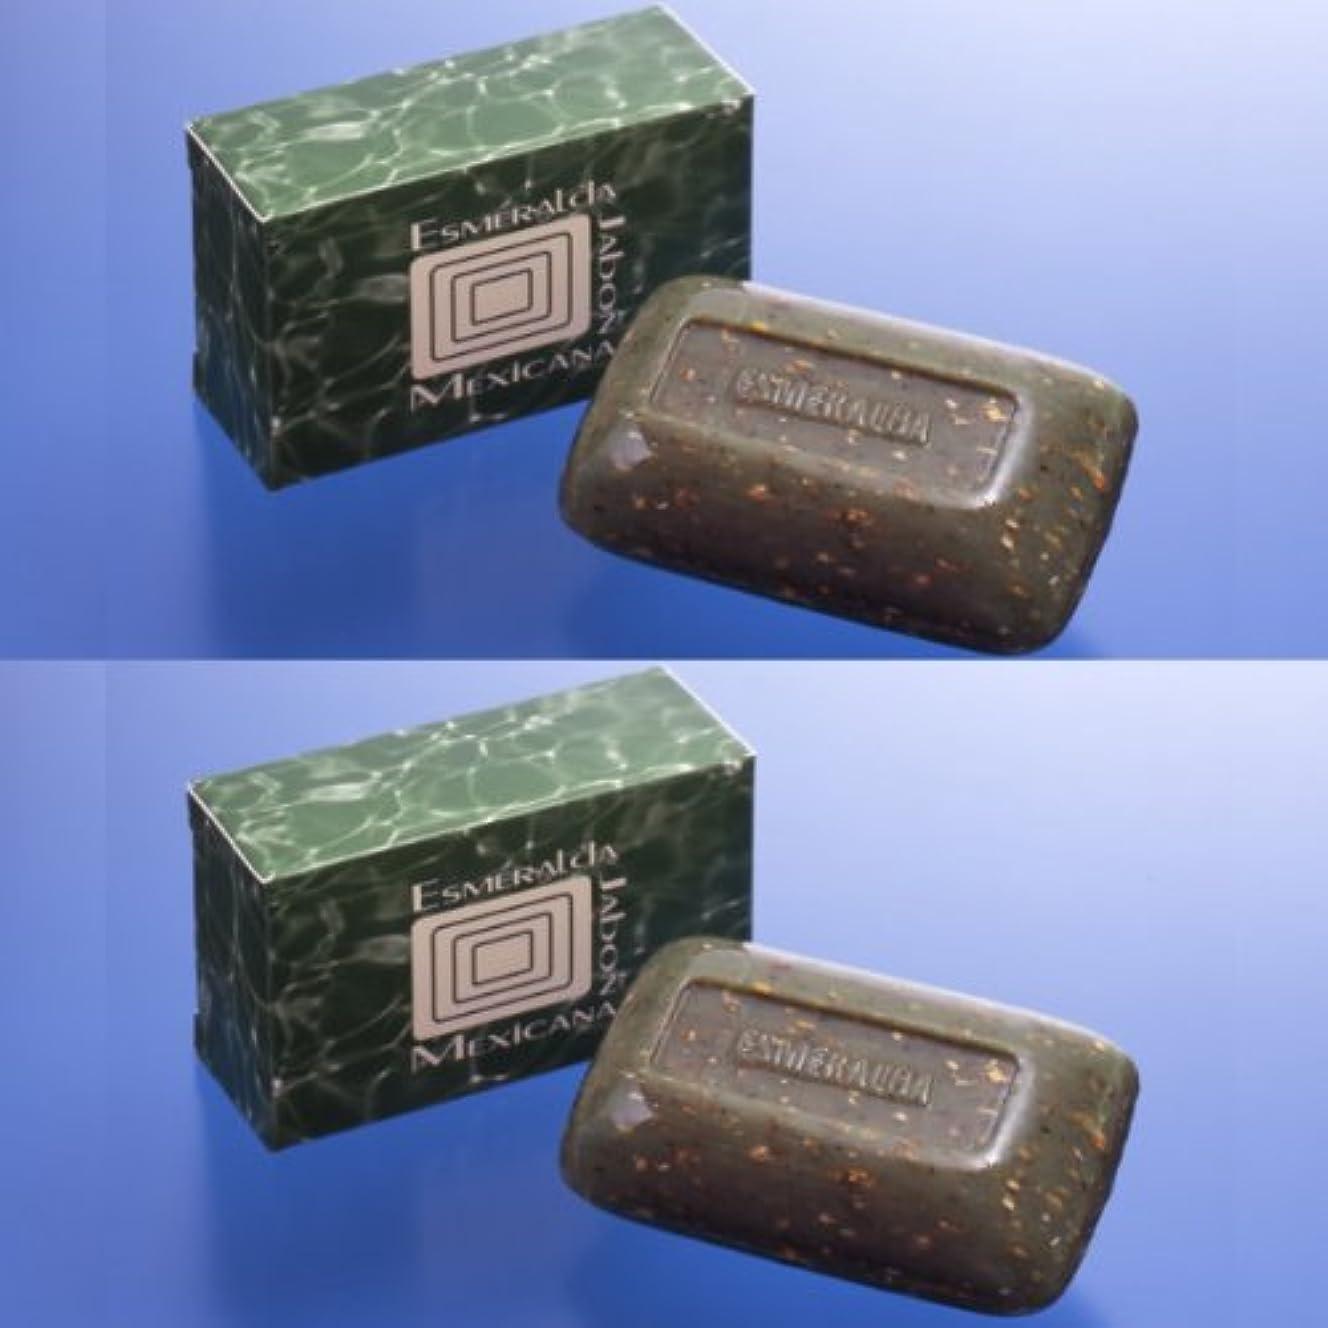 アマチュア同僚マイルドメキシコで大人気のシミ取り石鹸『エスメラルダ?ハボン?メキシカーナ2個組』